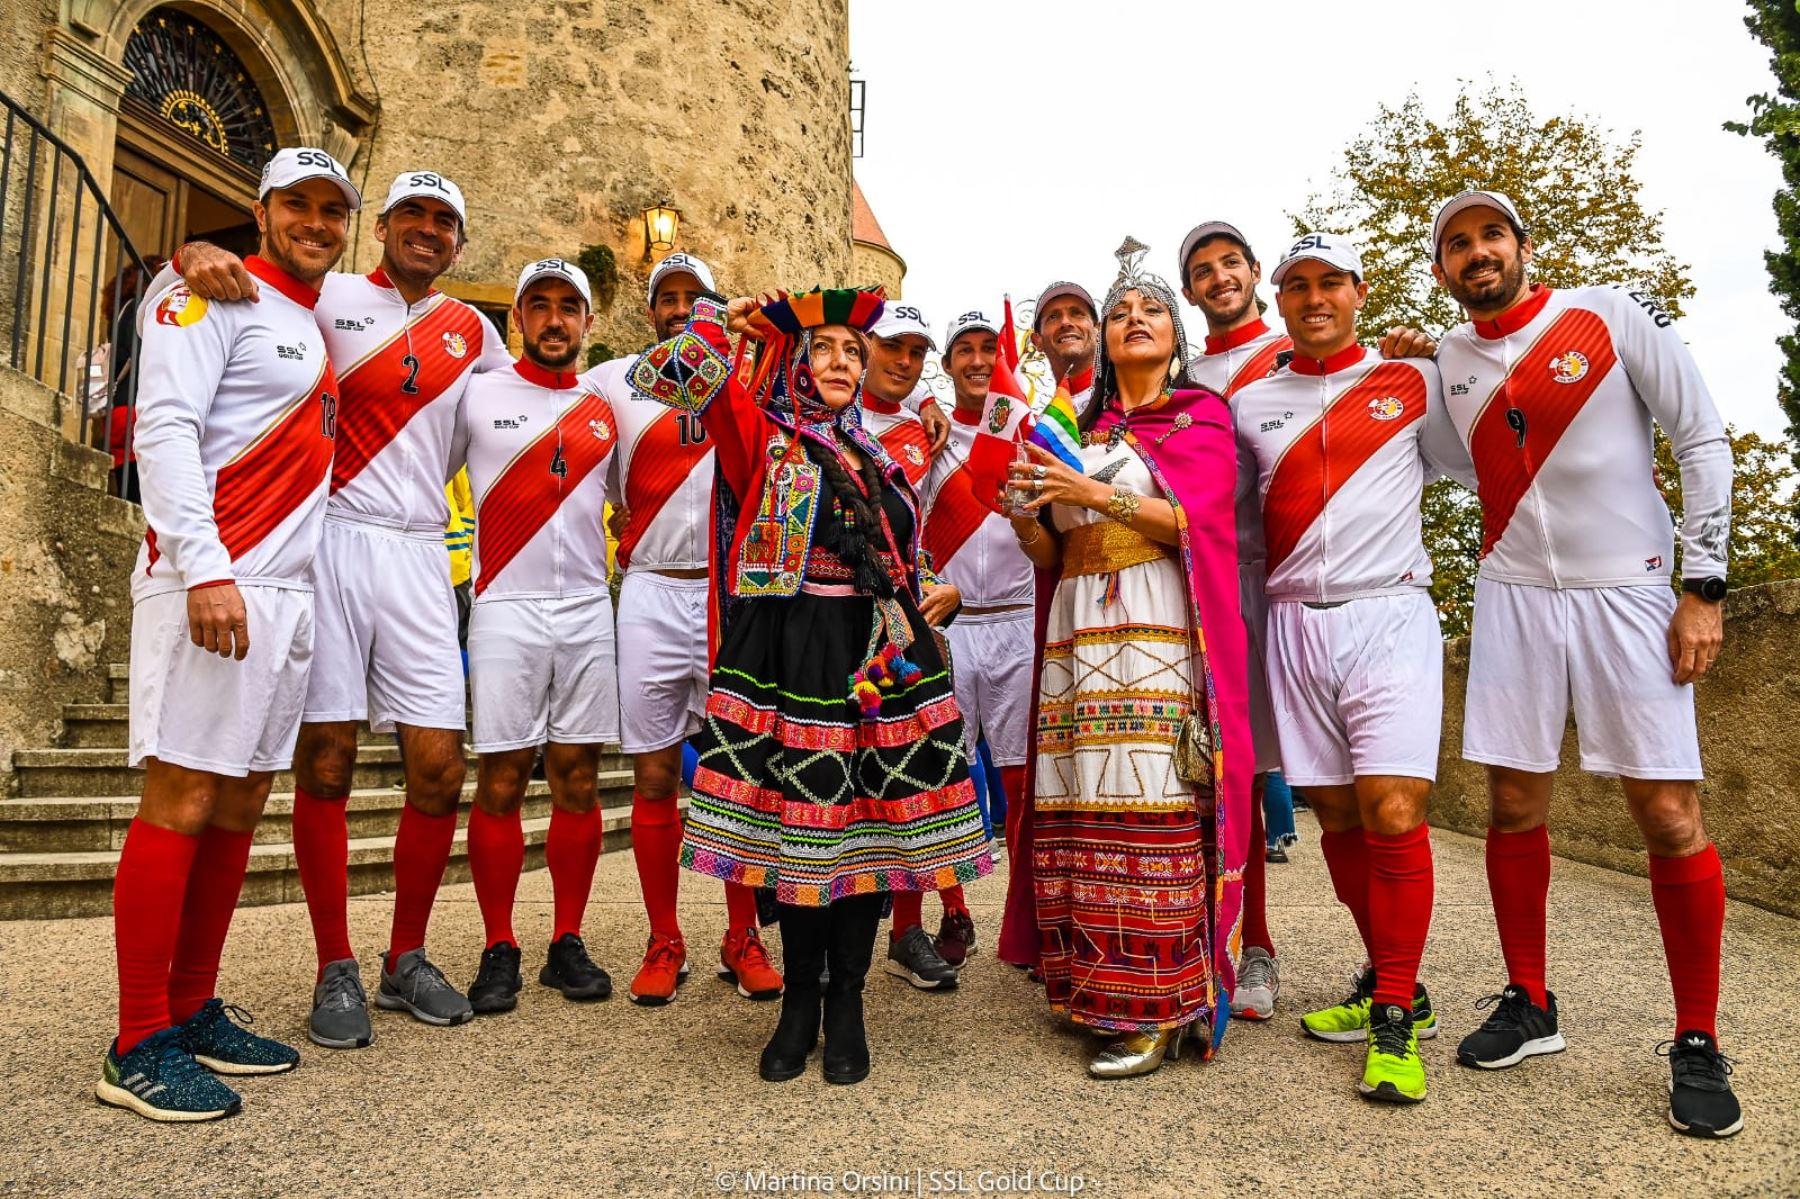 Perú lucha por la medalla de oro en el Mundial de Vela que se disputa en Suiza